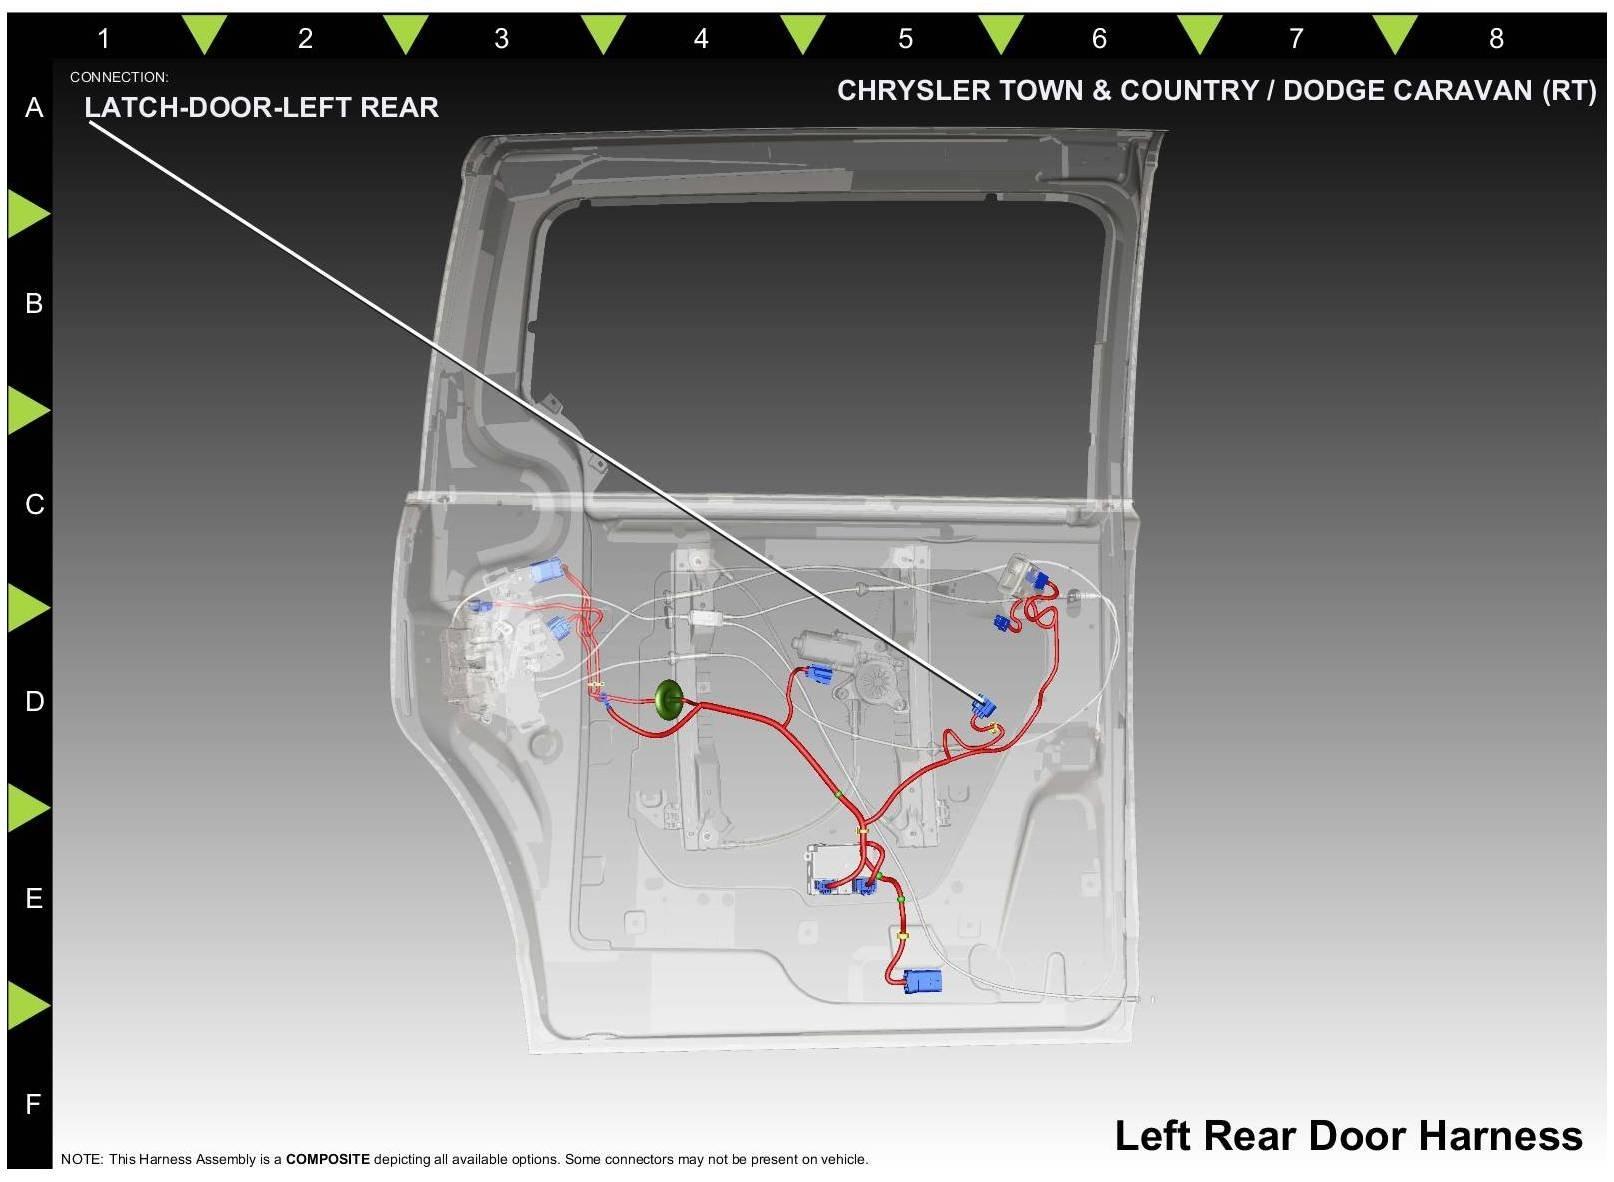 2005 Dodge Grand Caravan Power Sliding Door Wiring Harness from www.2carpros.com